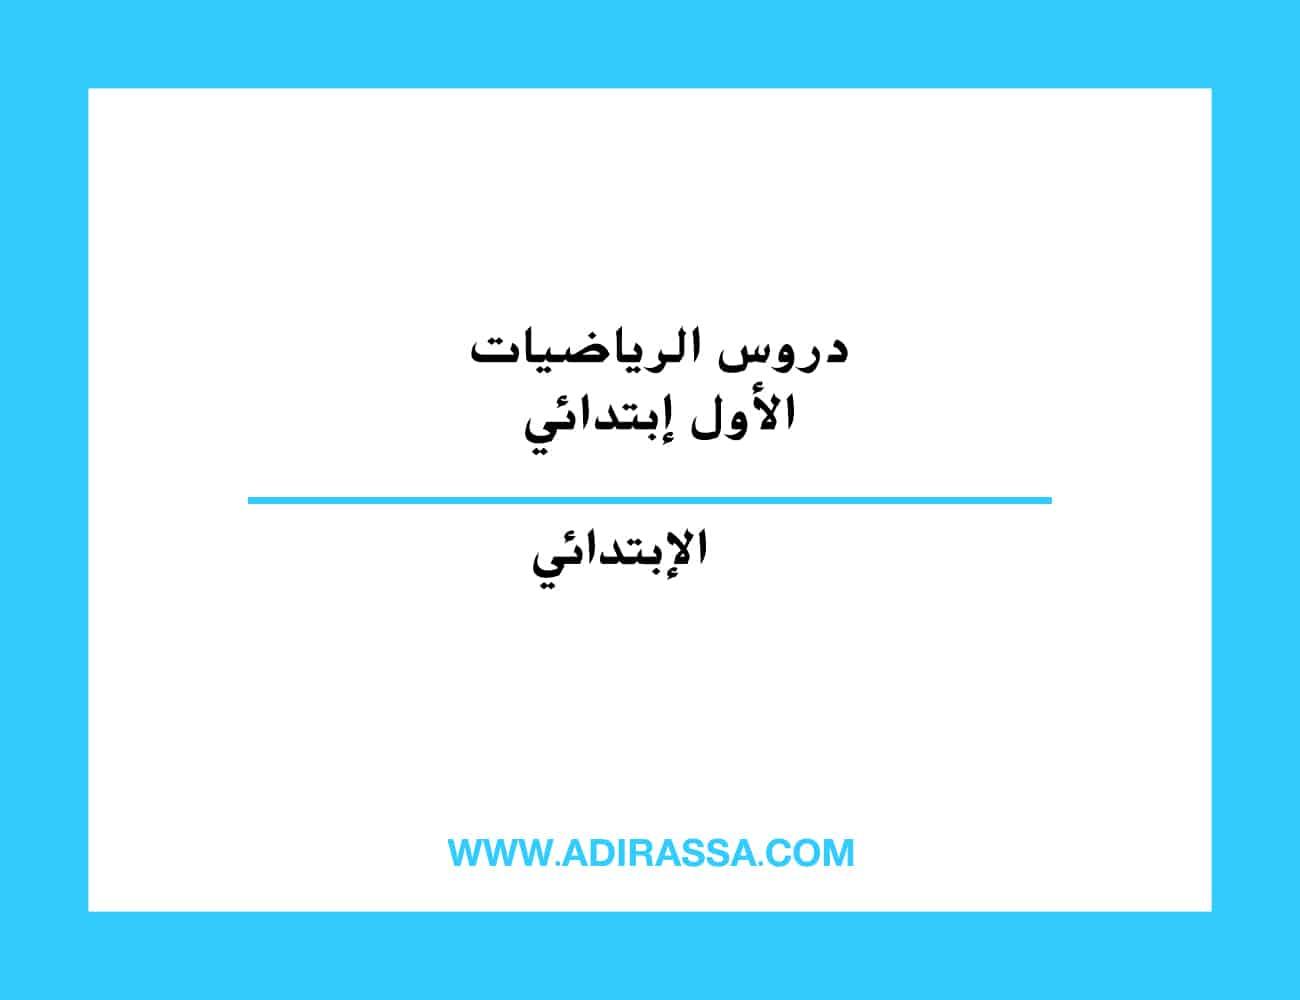 دروس الرياضيات الأول ابتدائي المقررة بالمدرسة المغربية